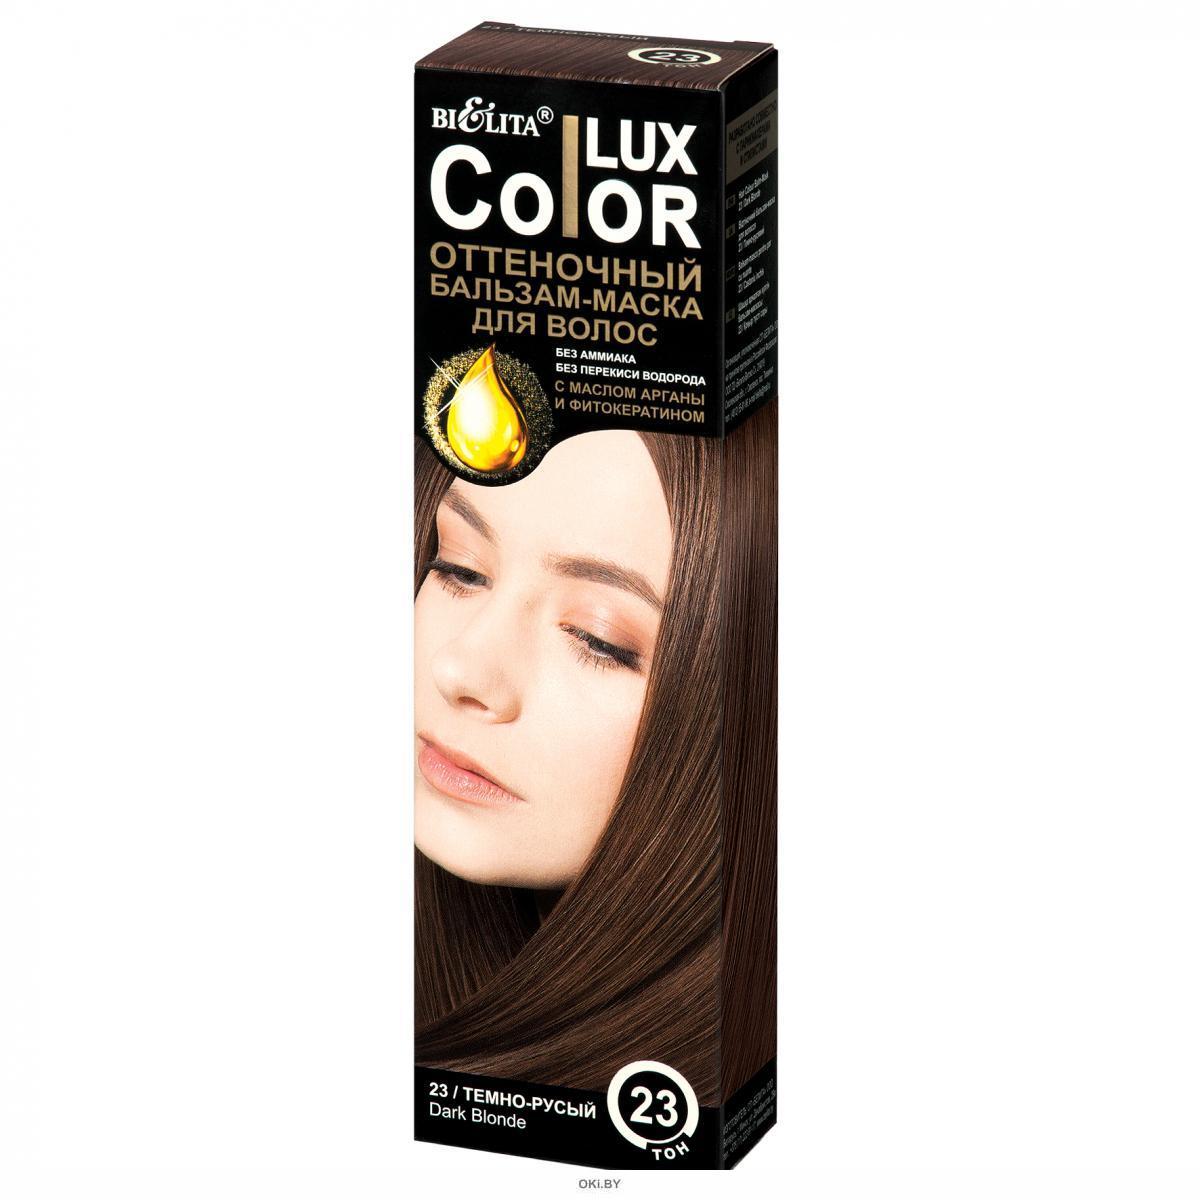 Оттеночный бальзам-маска для волос тон 23 Тёмно-русый, 100 мл (туба)